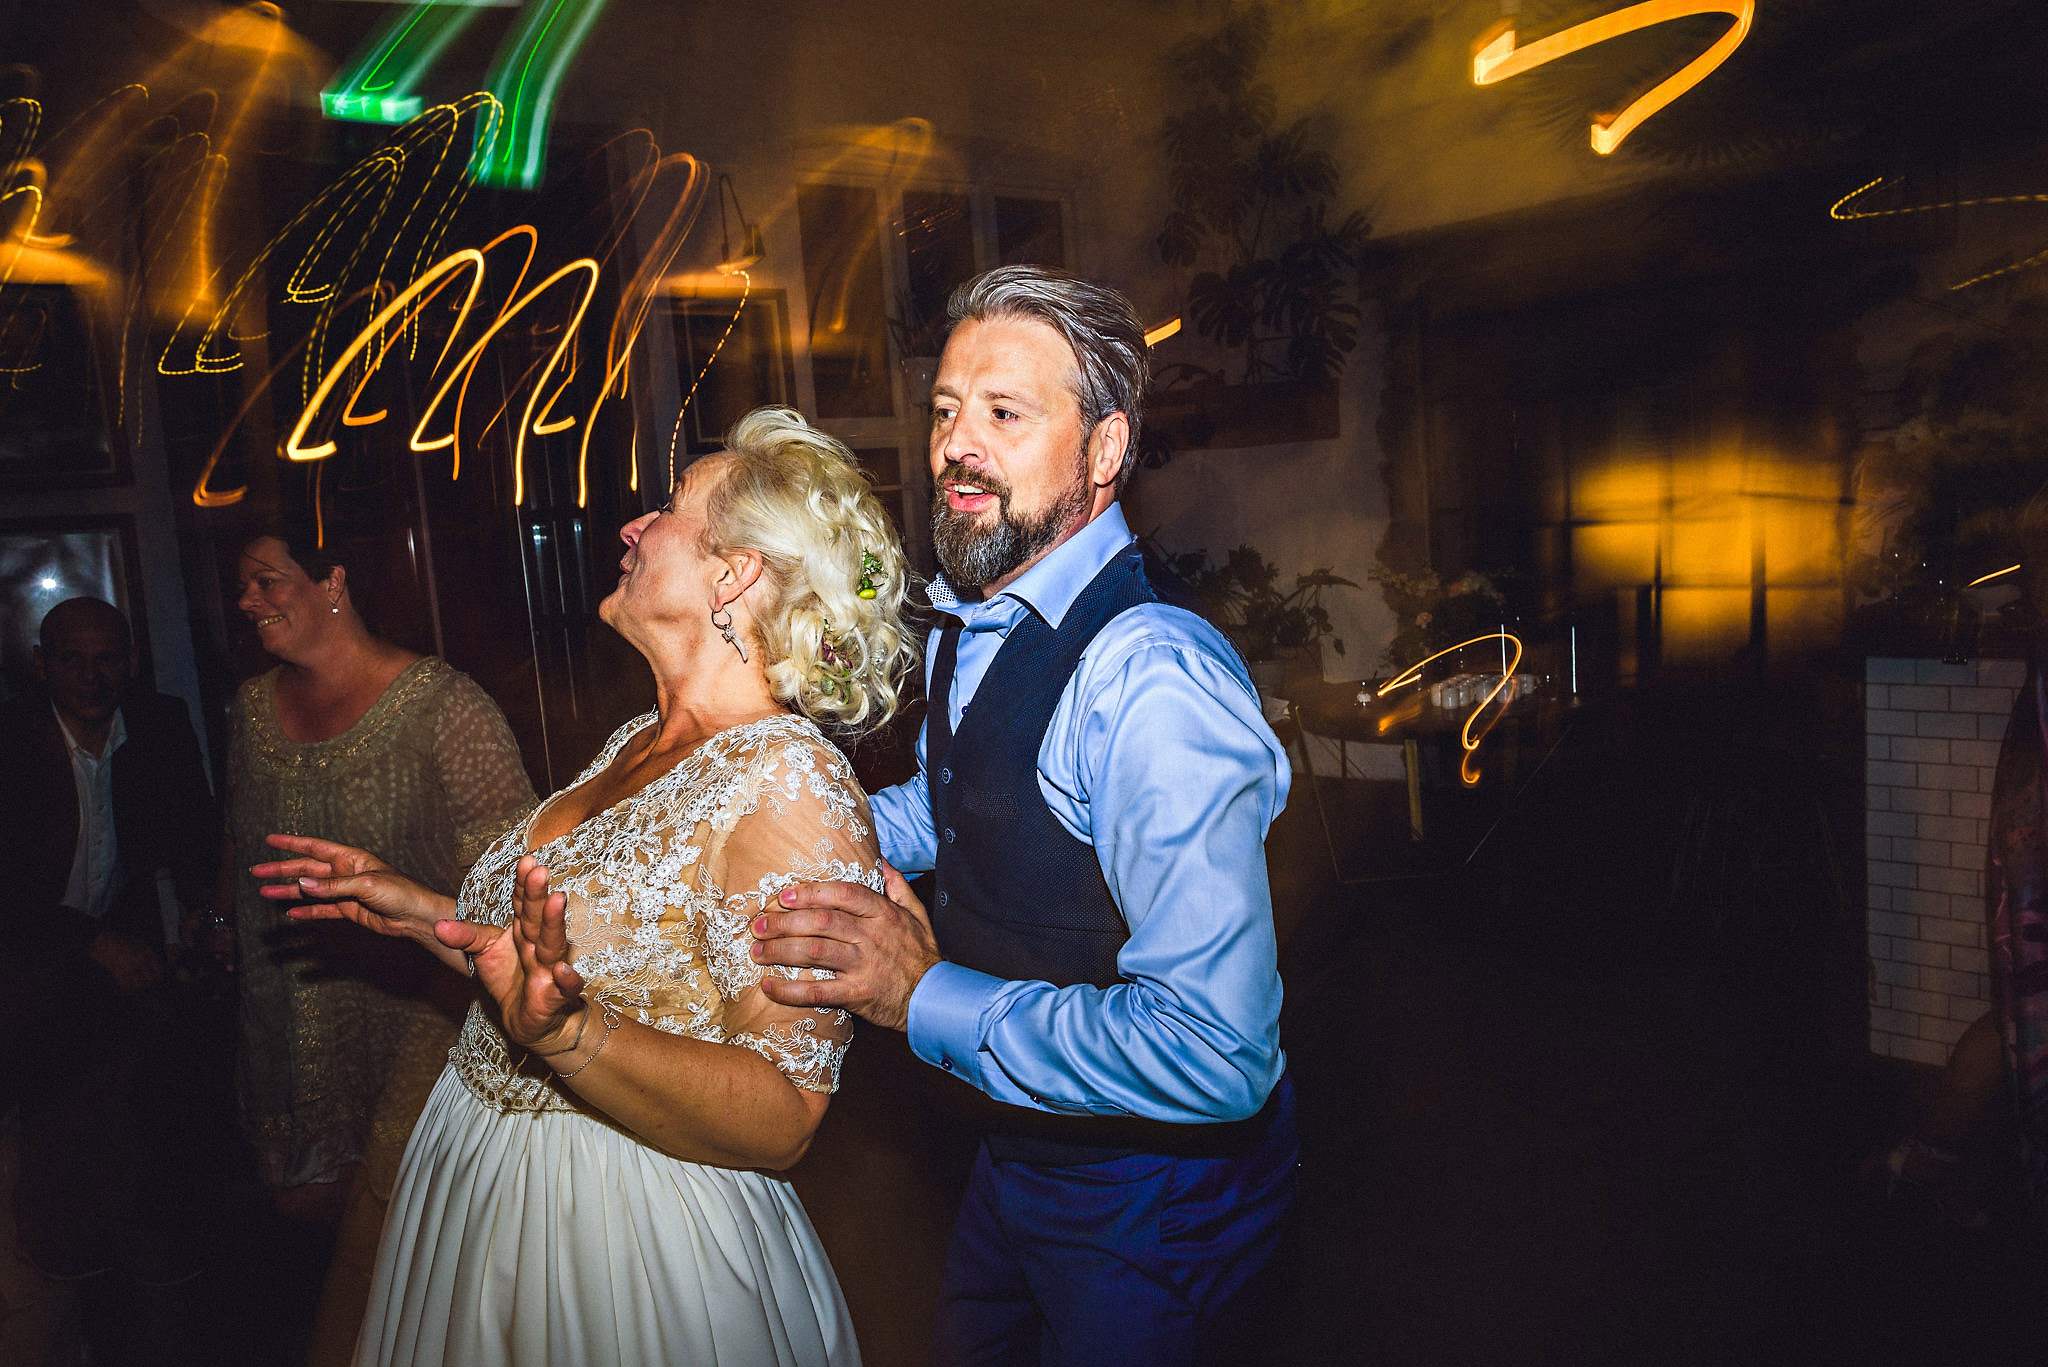 Eirik Halvorsen Tone og Sven bryllup blog-60.jpg